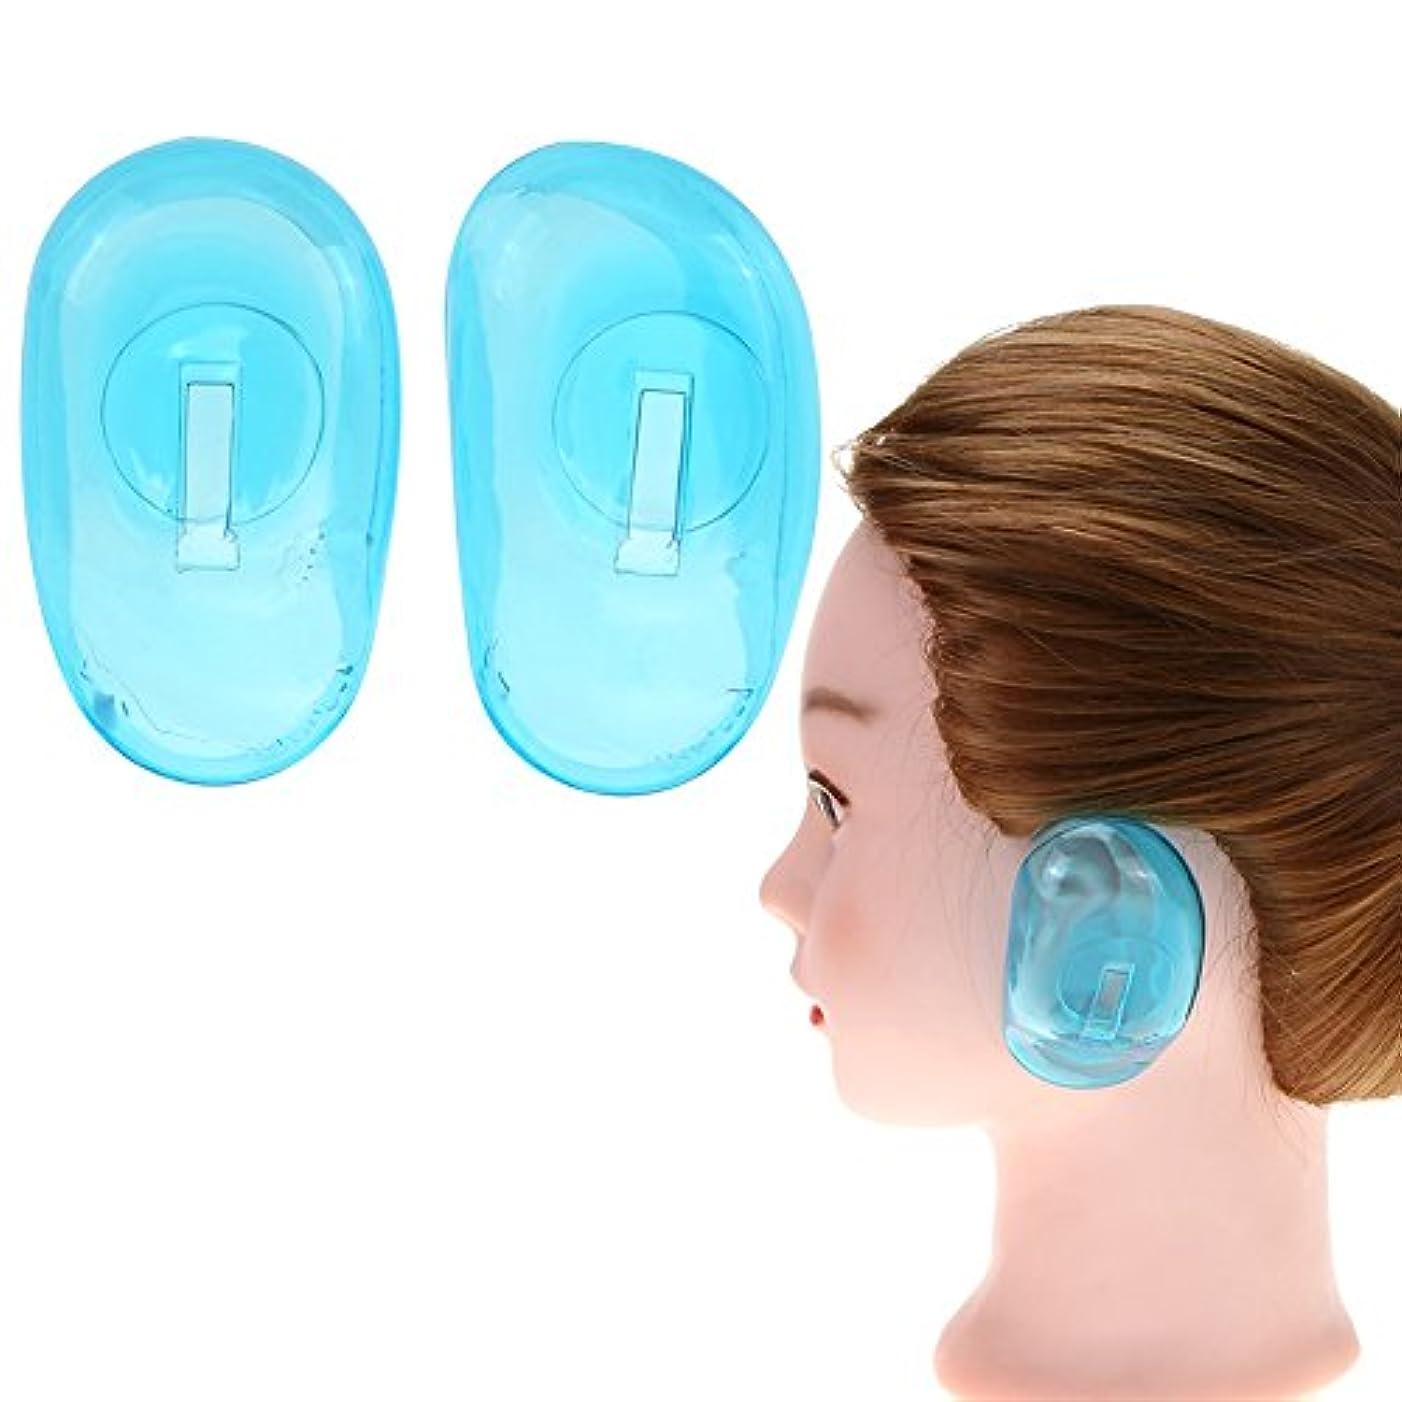 Ruier-tong 10ペア耳カバー 毛染め用 シリコン製 耳キャップ 柔らかいイヤーキャップ ヘアカラー シャワー 耳保護 ヘアケアツール サロン 洗える 繰り返す使用可能 エコ 8.5x5cm